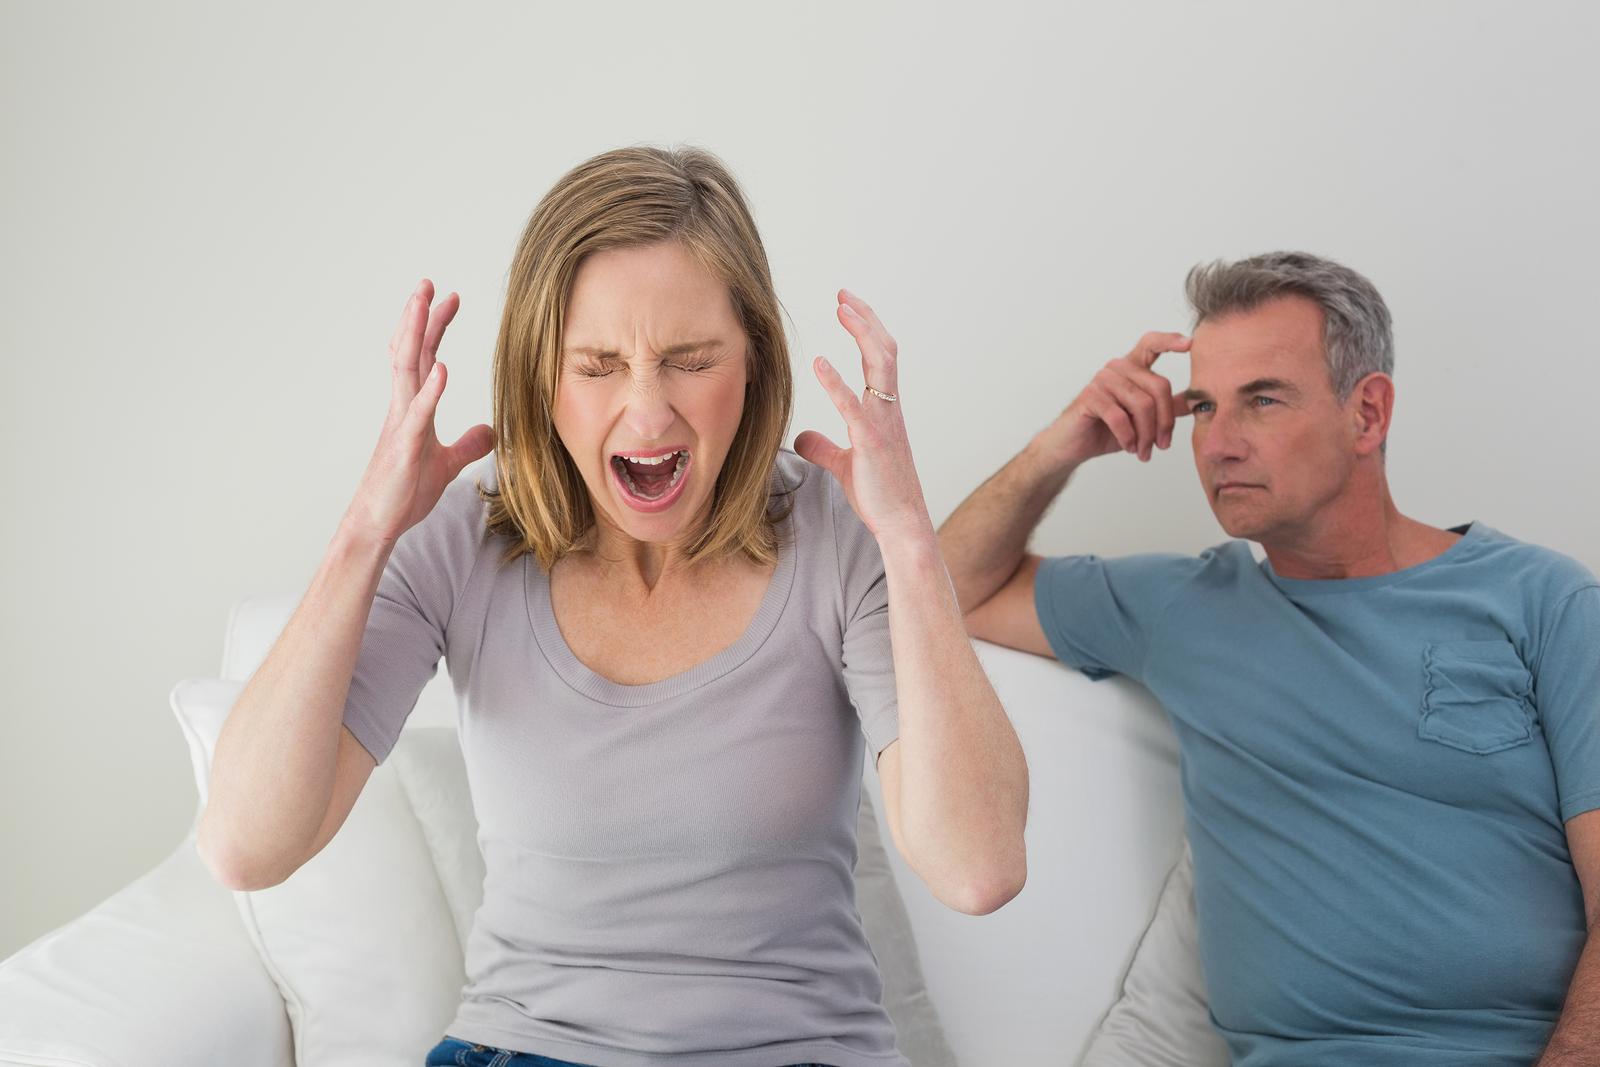 В браке женщина этого знака может стать занудной «пилой» или движущей силой, ведущей семью к счастью и финансовому благополучию.